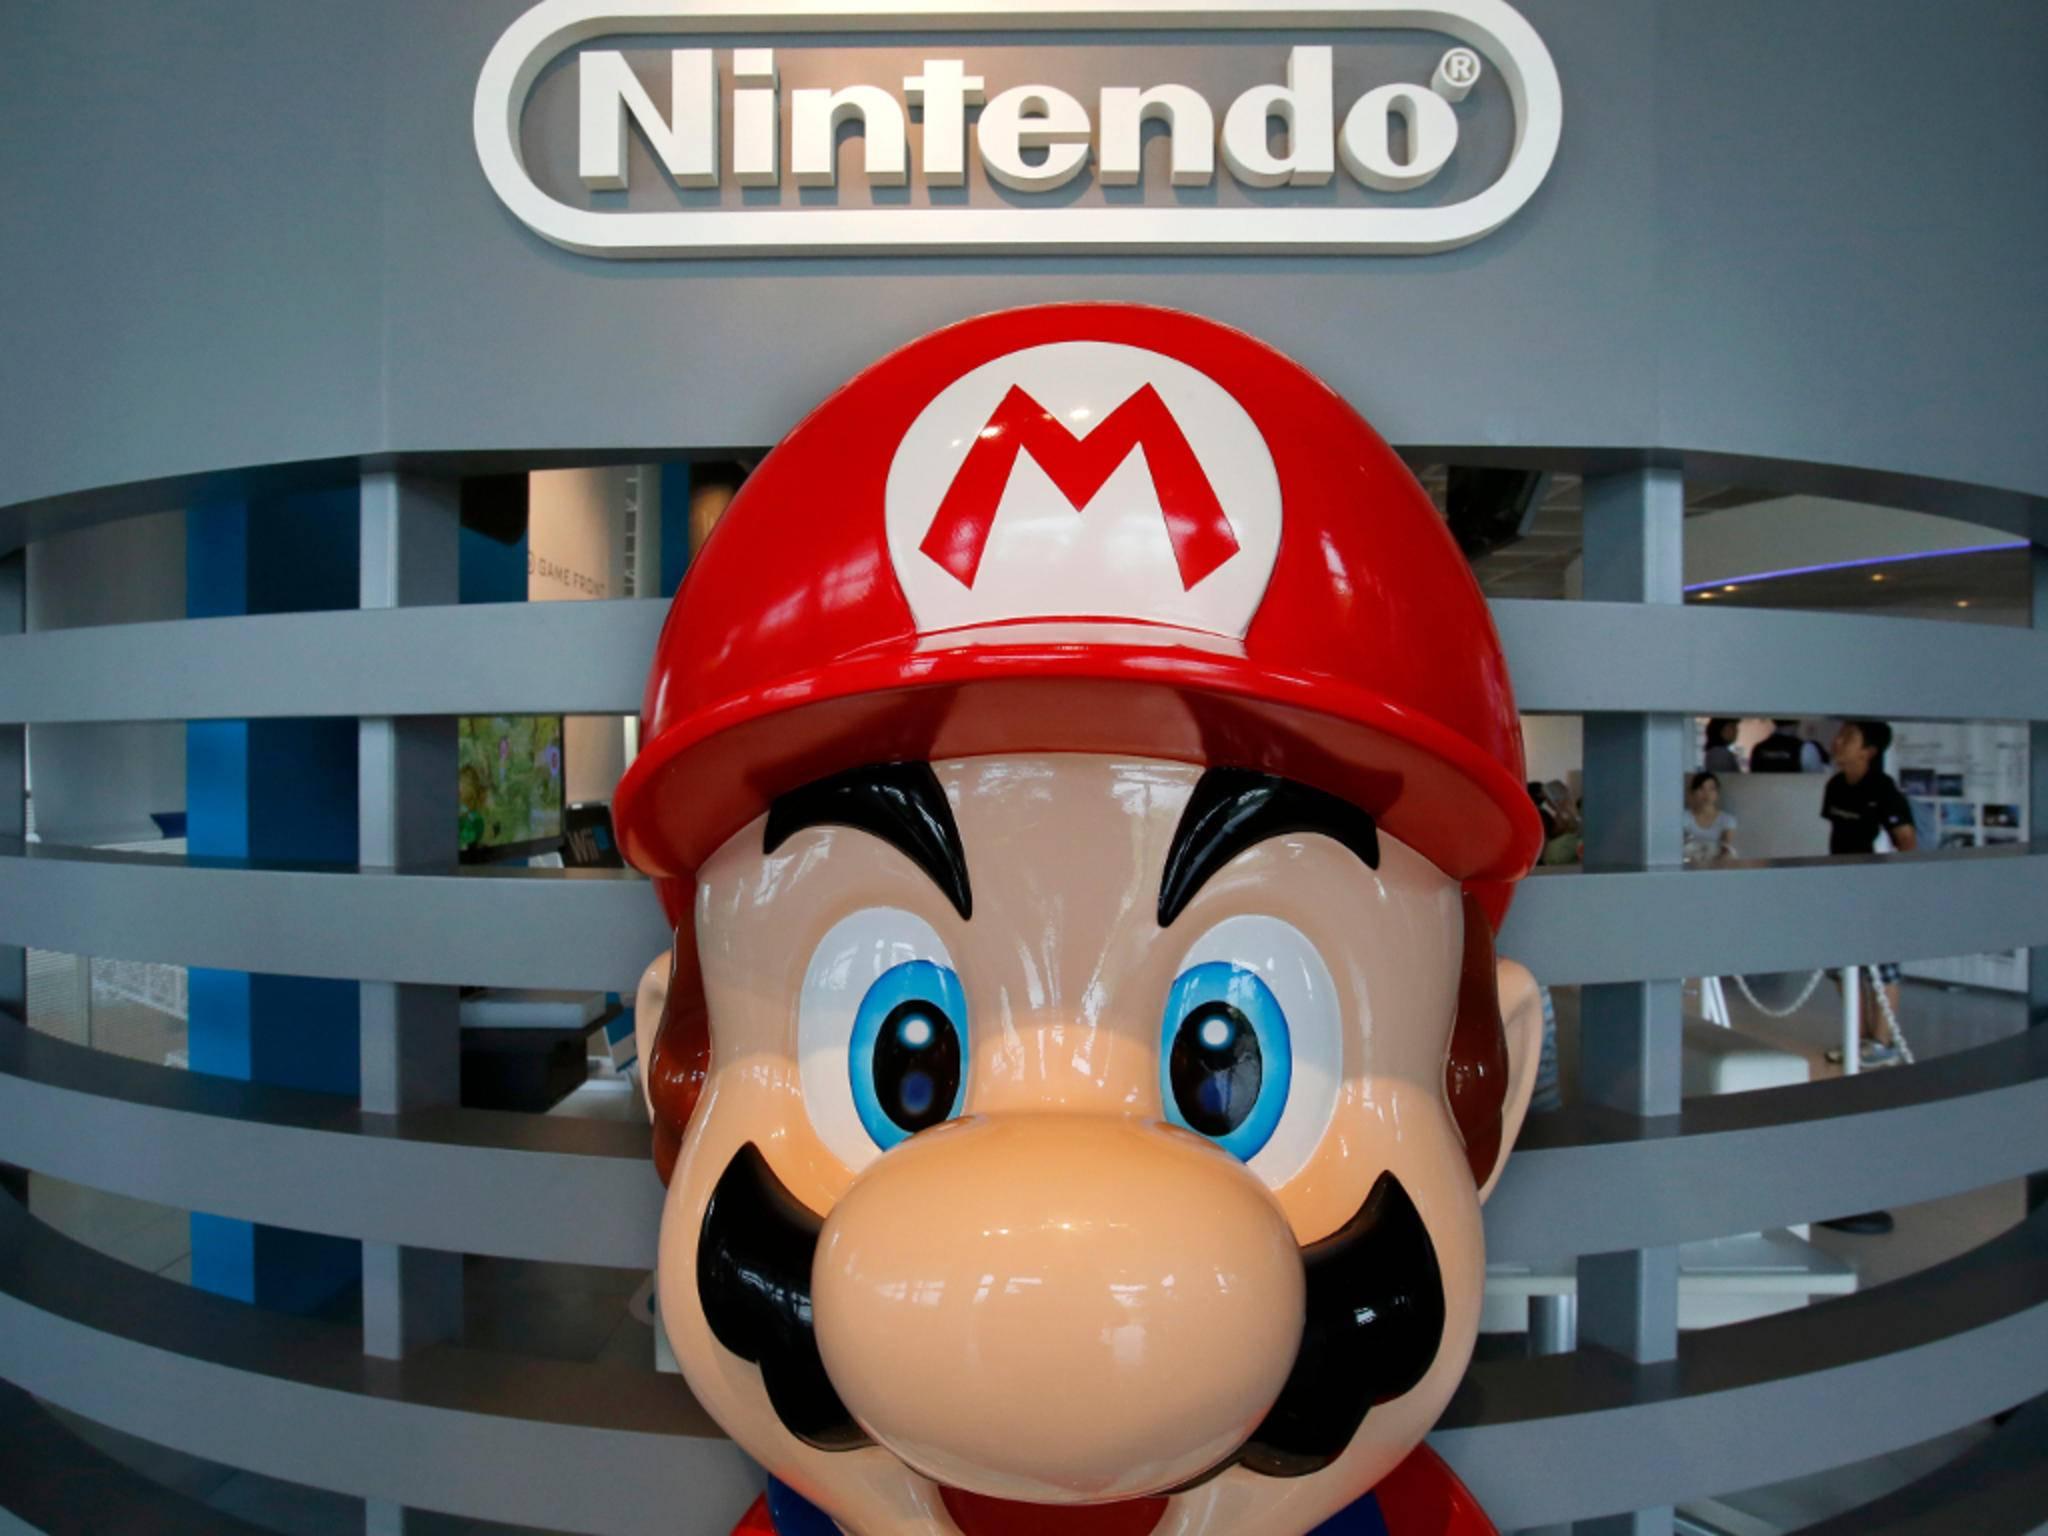 """""""Miitomo"""" dreht sich nicht um Mario, sondern ausschließlich um Miis."""